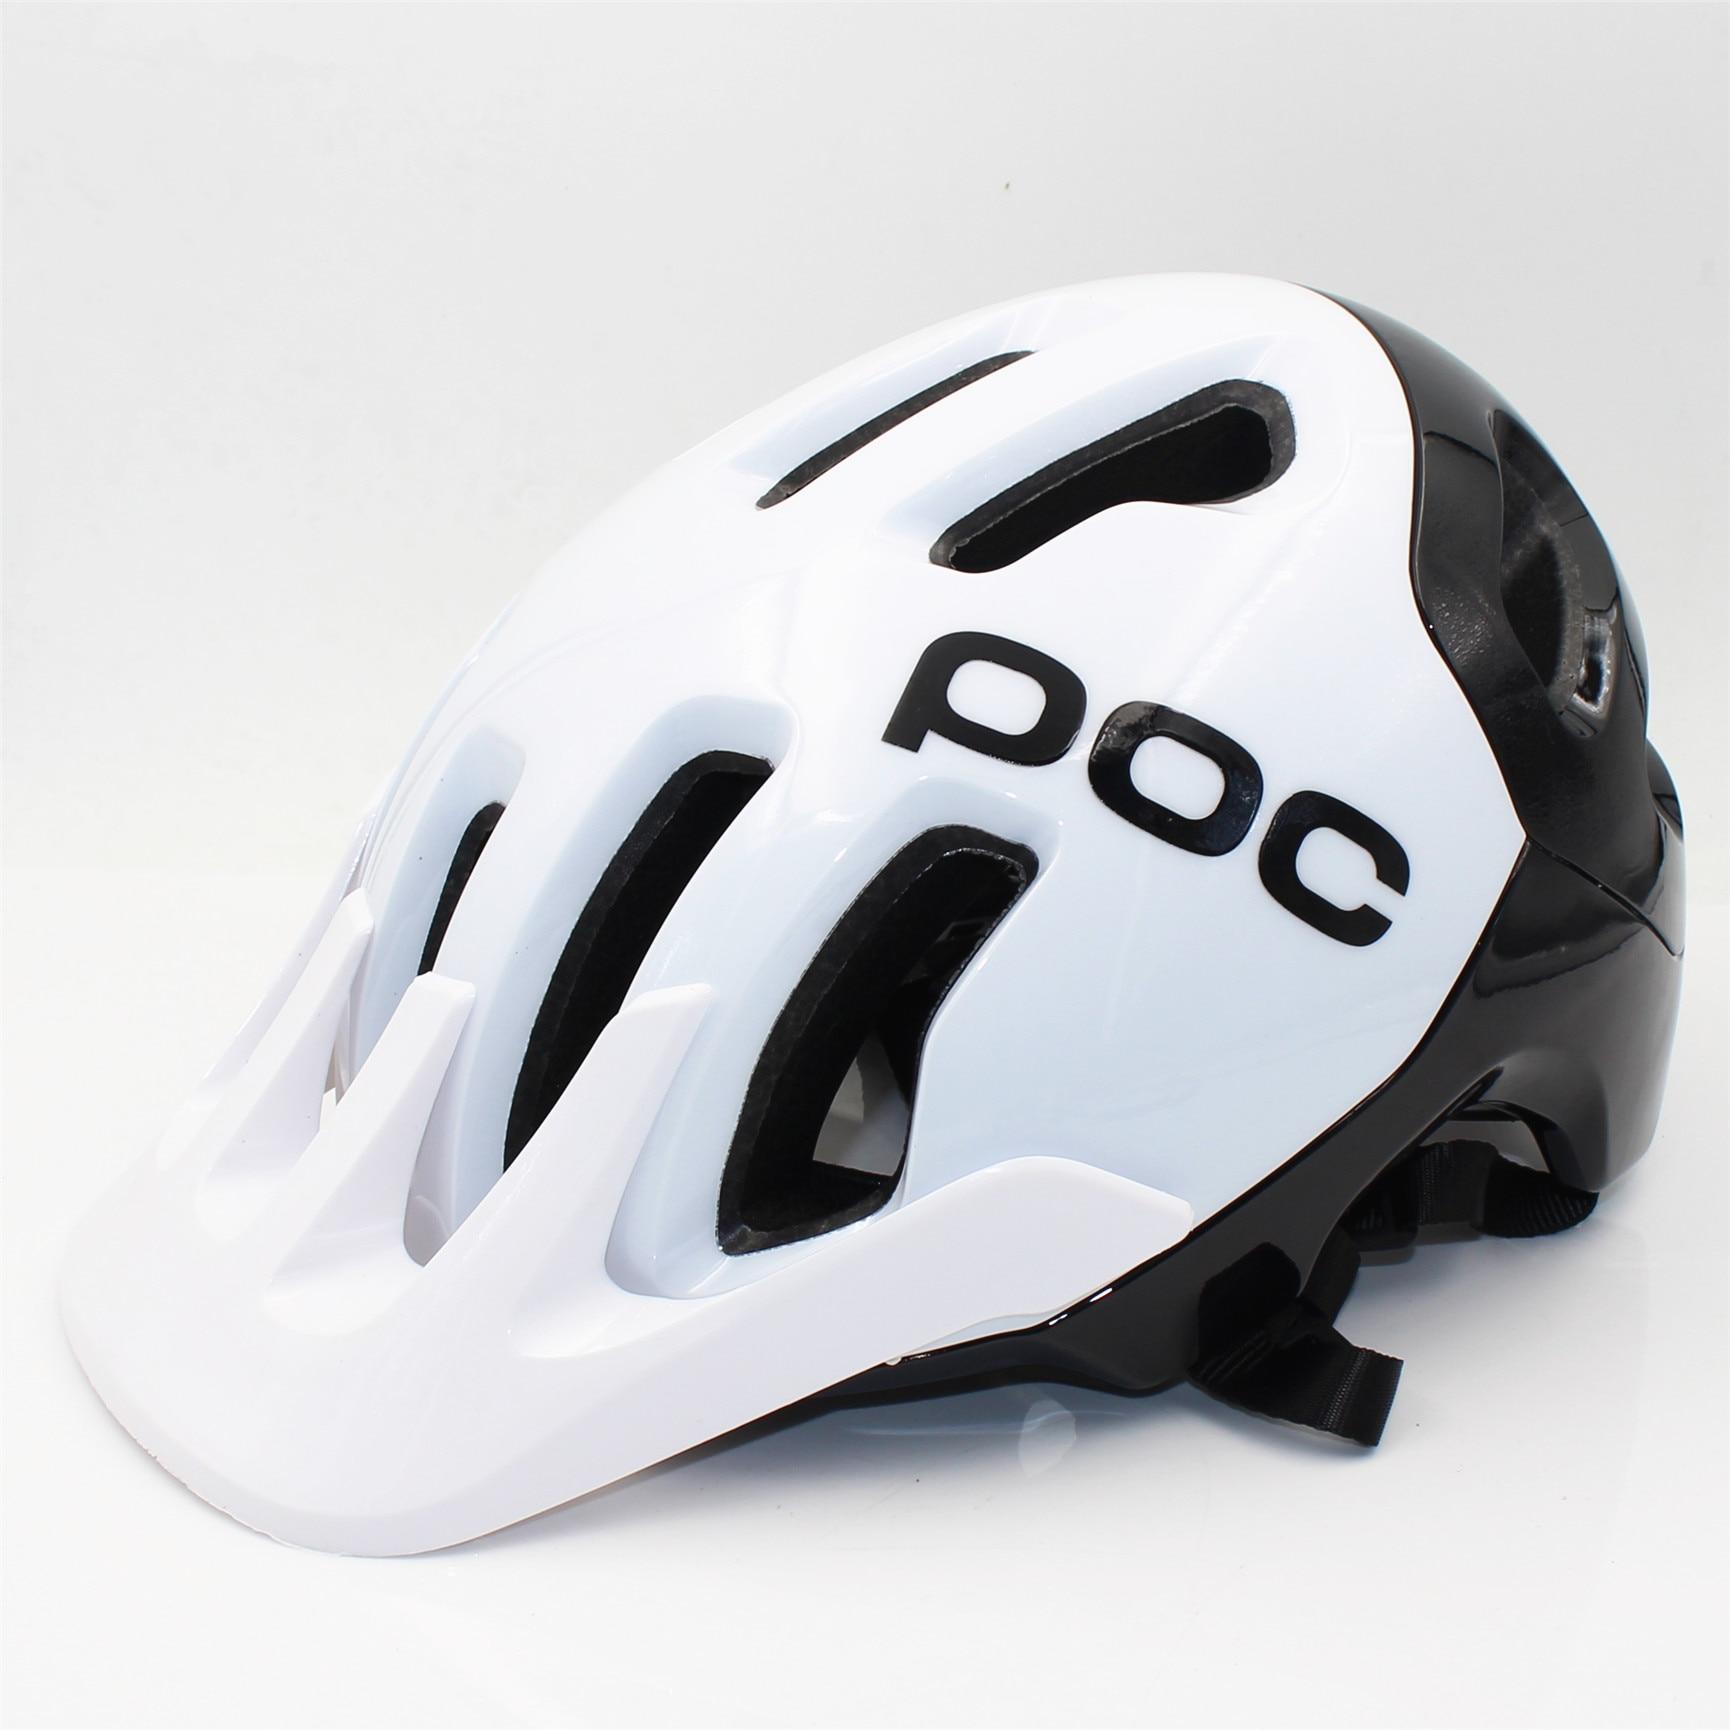 POC Trabec course casque de route cyclisme hommes femmes Eps ultraléger vtt VTT confort sécurité Cycle vélo taille M: 54-60